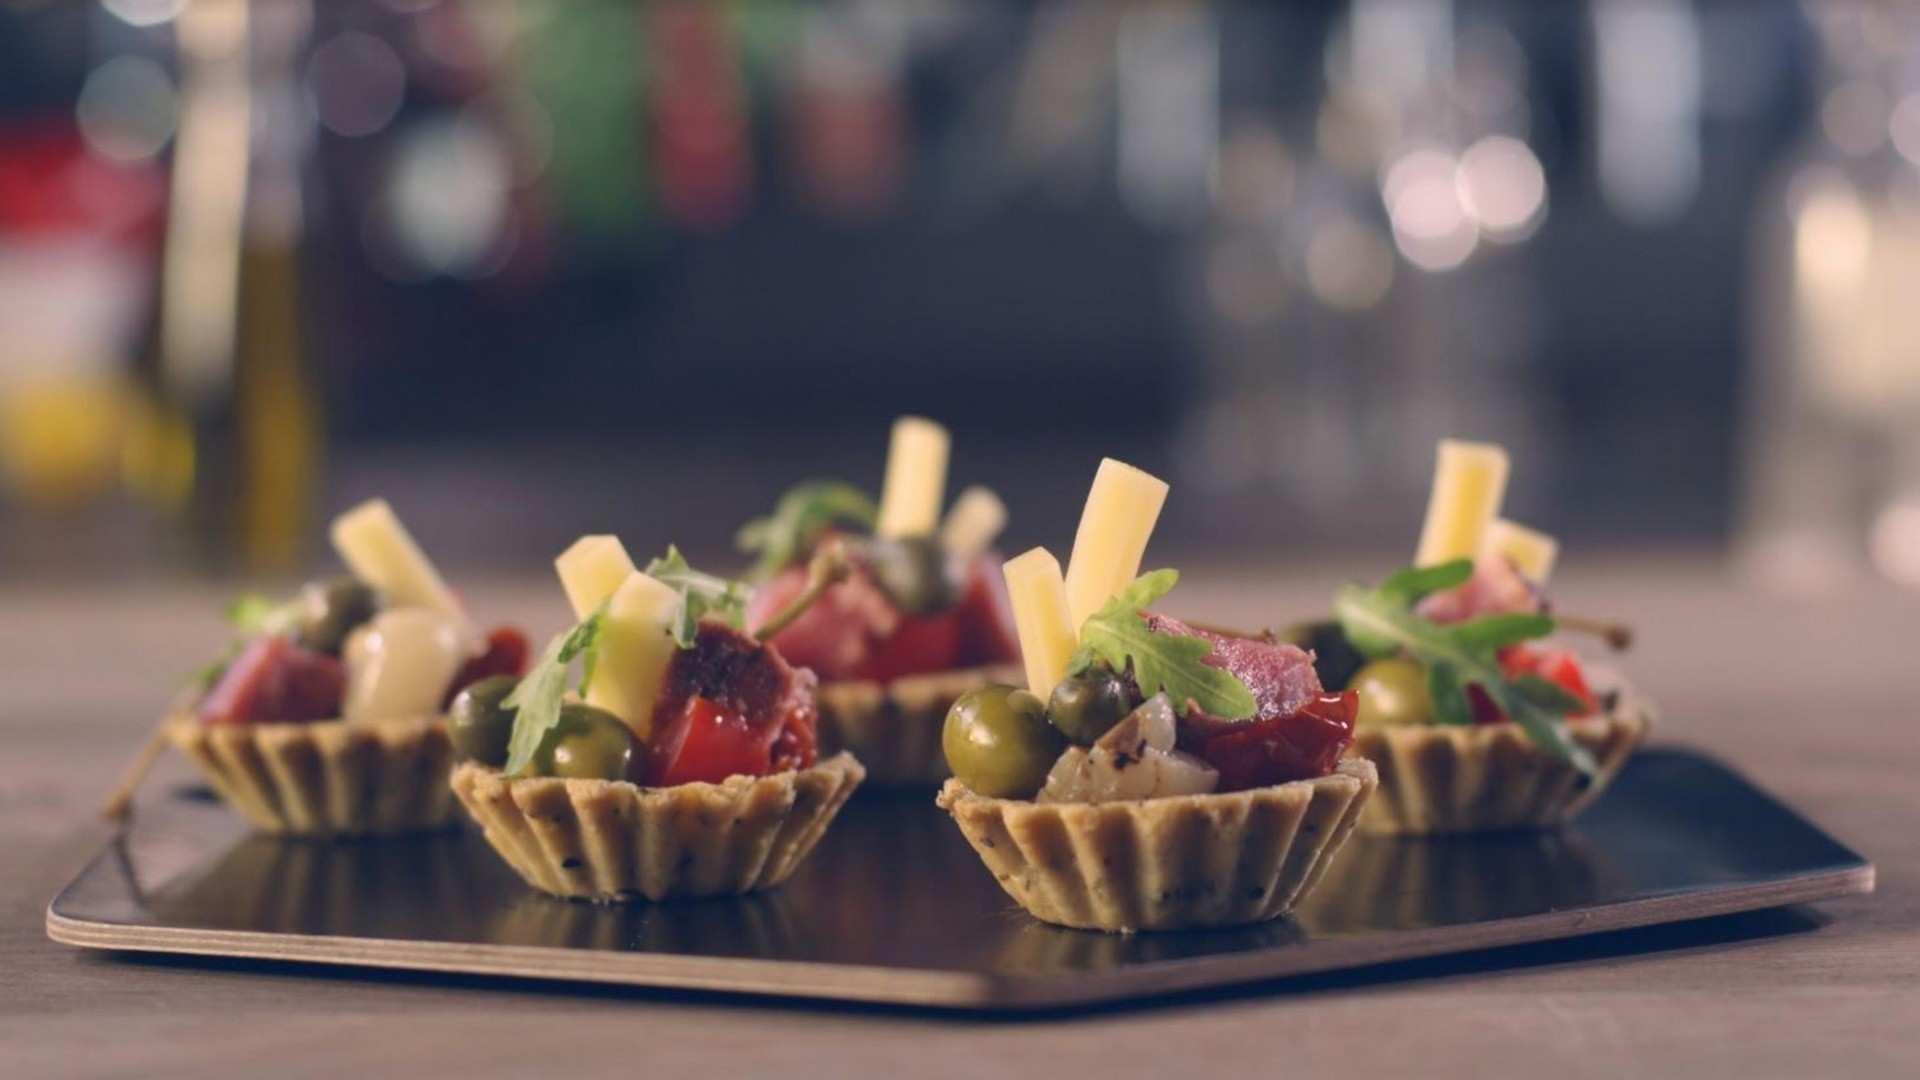 Receta de Tartaletas de Atún y Queso: especial recetas de Navidad